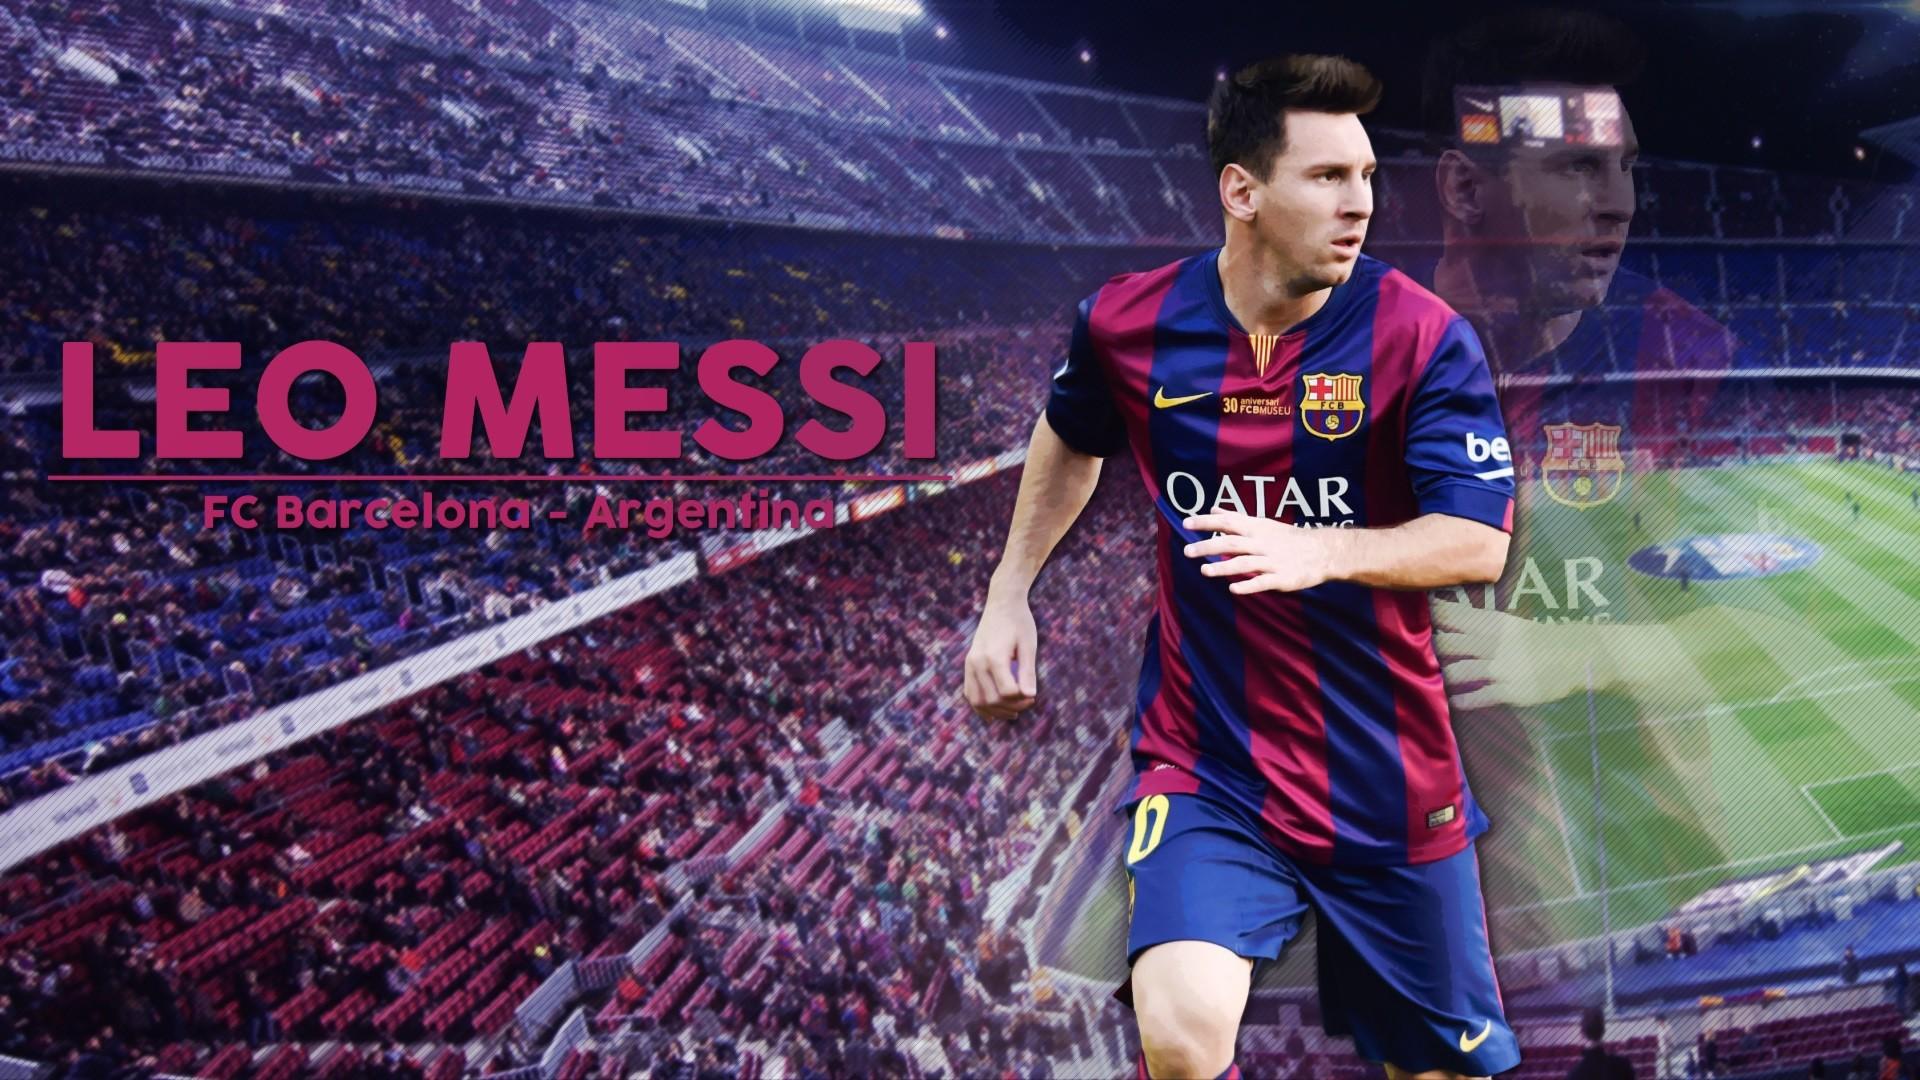 Messi FC Barcelona Desktop backgrounds